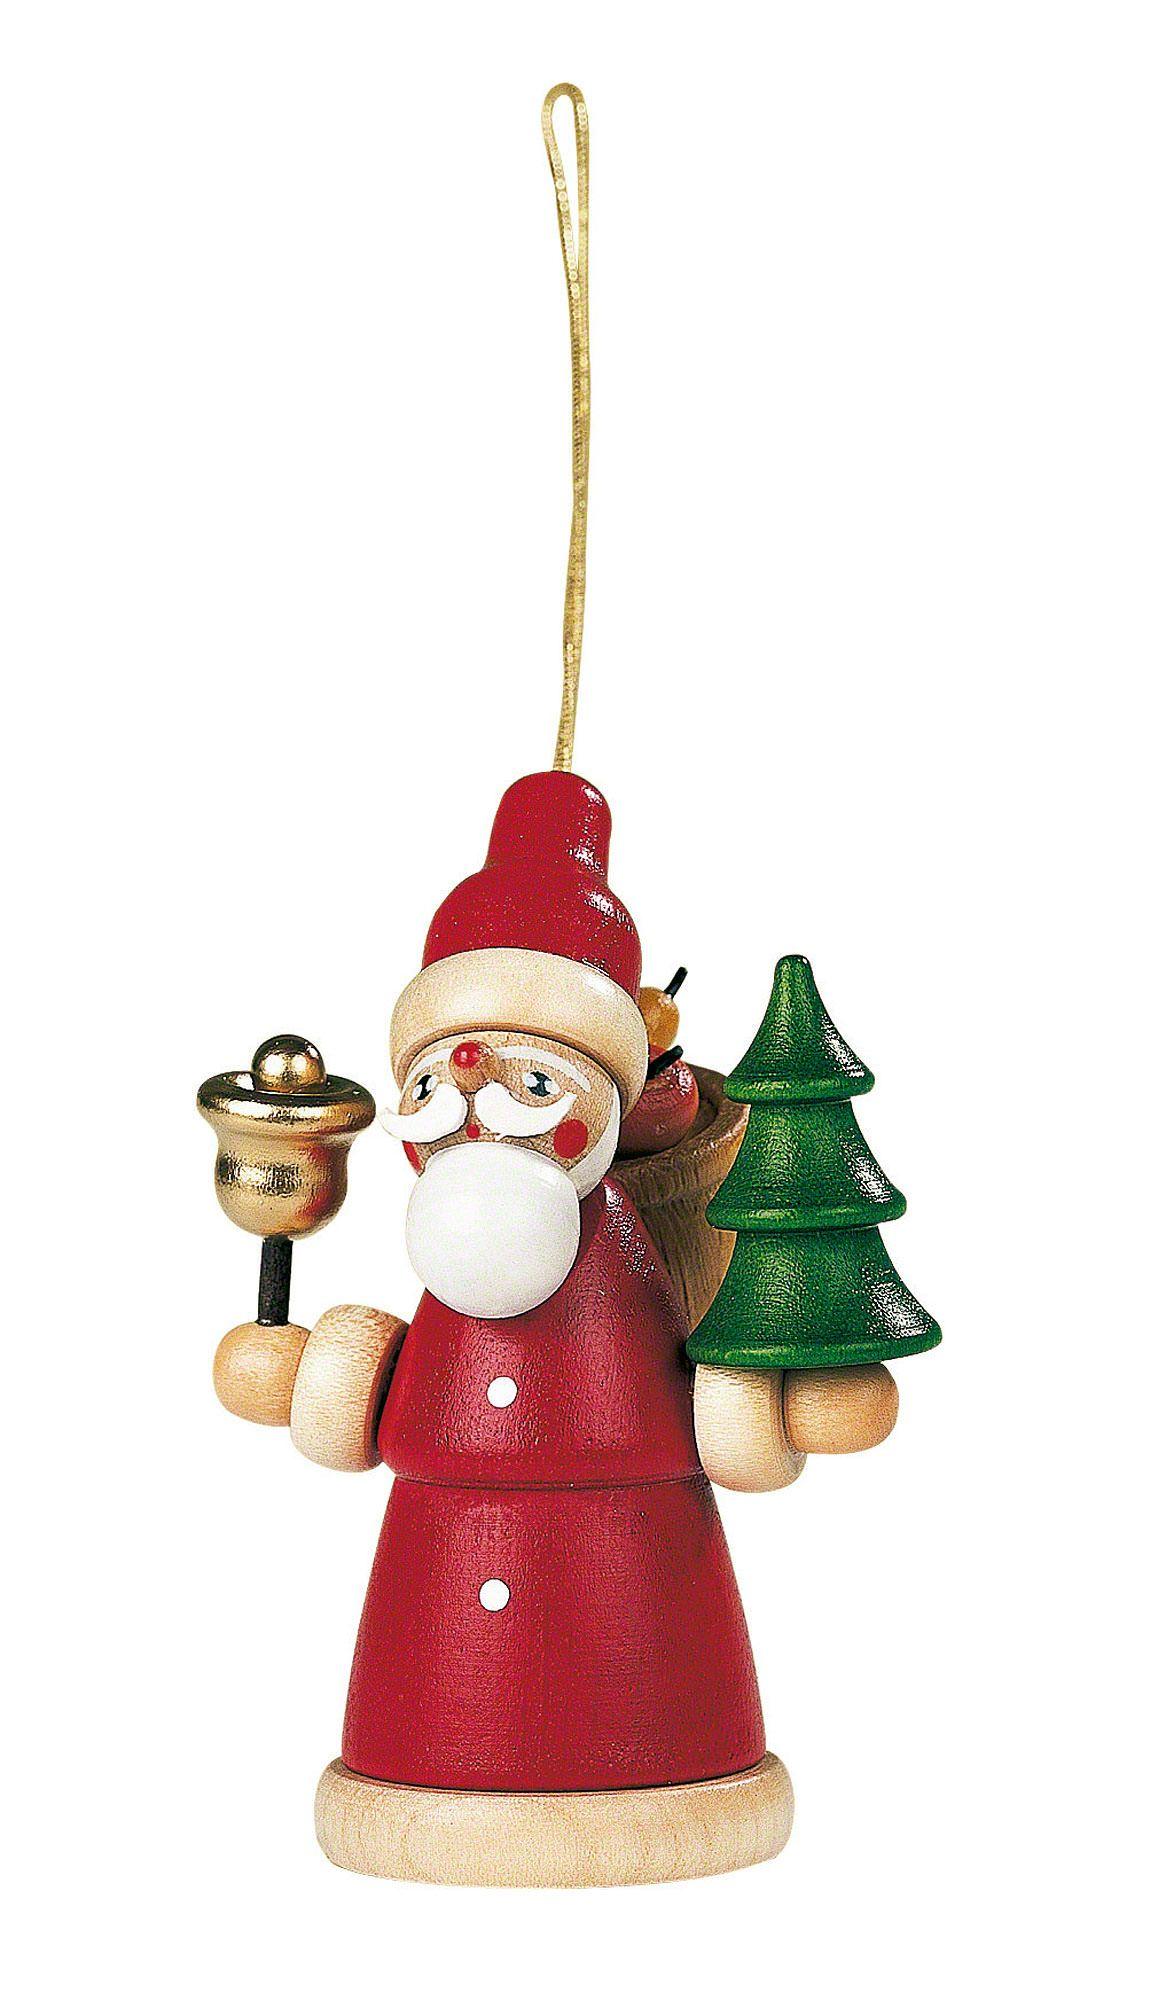 Christbaumschmuck - Weihnachtsmann (8cm) von Müller Kleinkunst